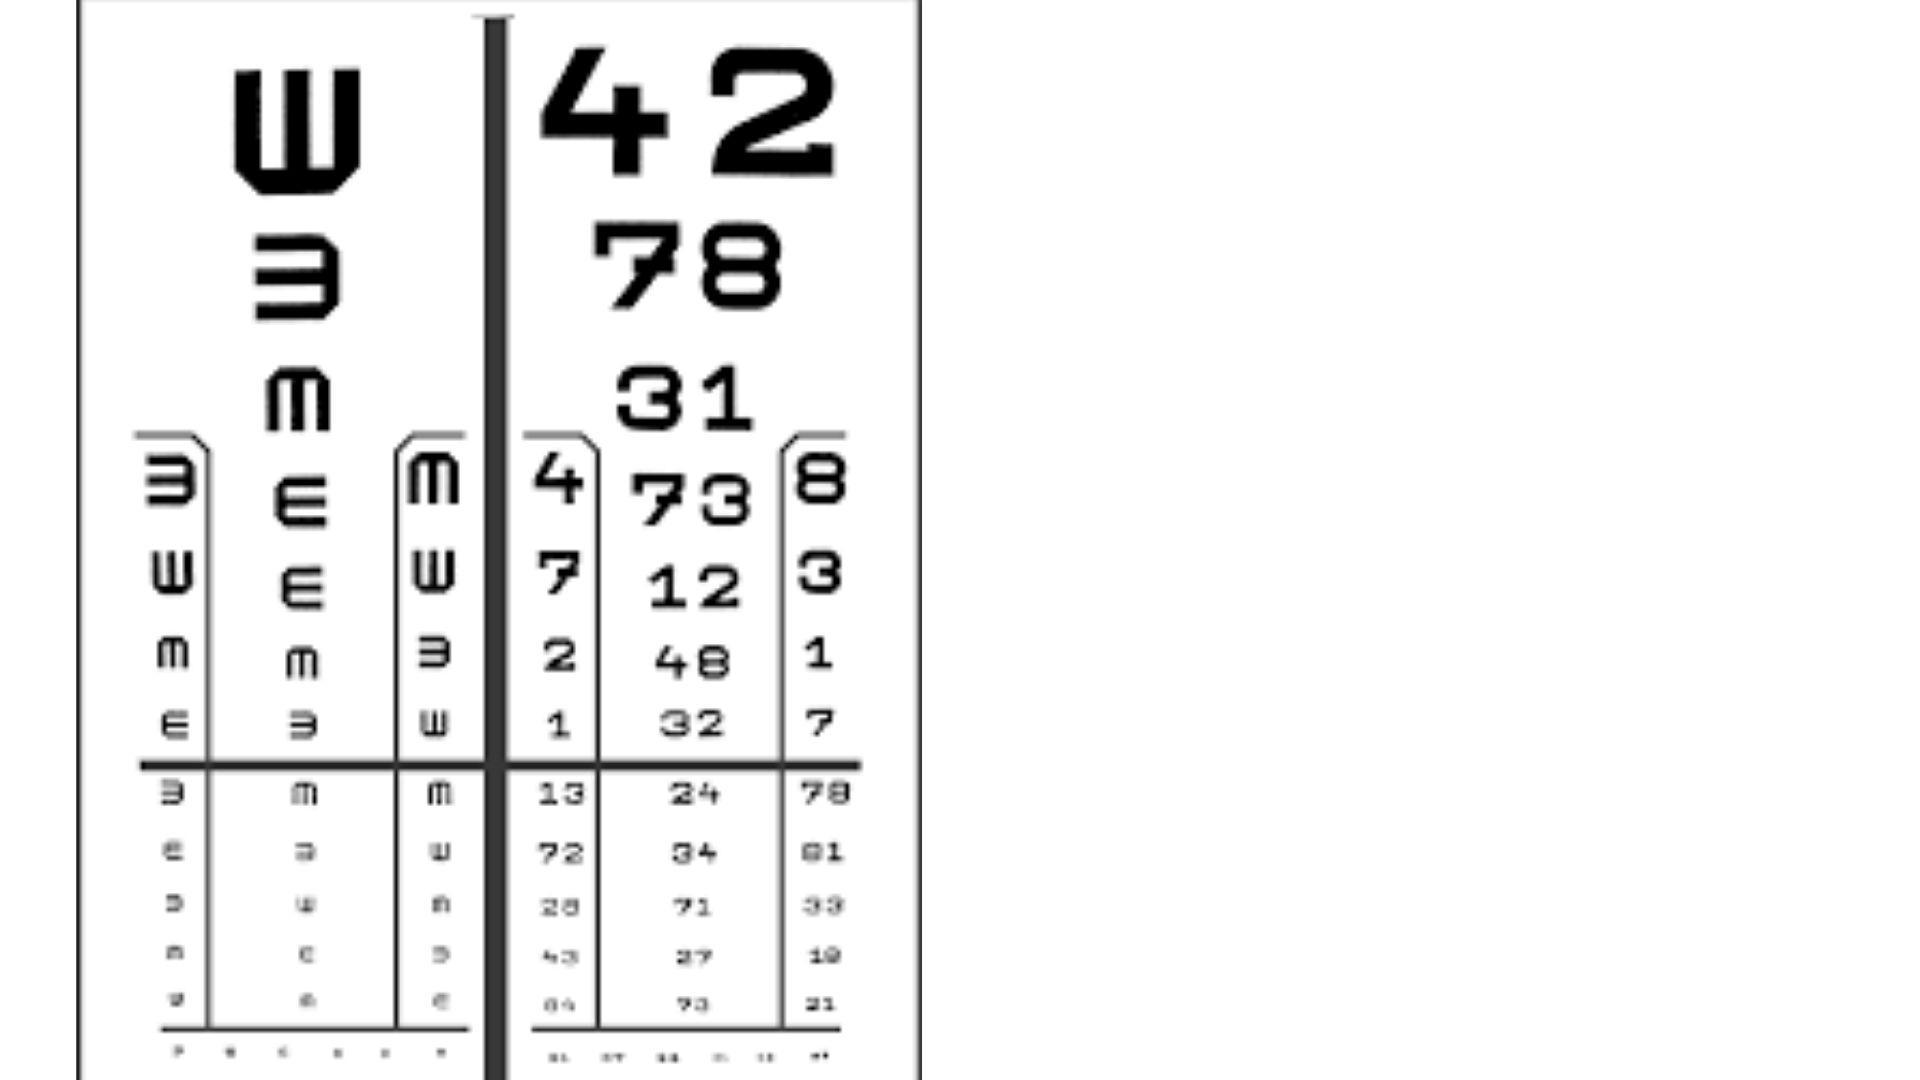 Látásvizsgálat, látásélesség vizsgálat menete (mi történik egy látásvizsgálaton) • zonataxi.hu